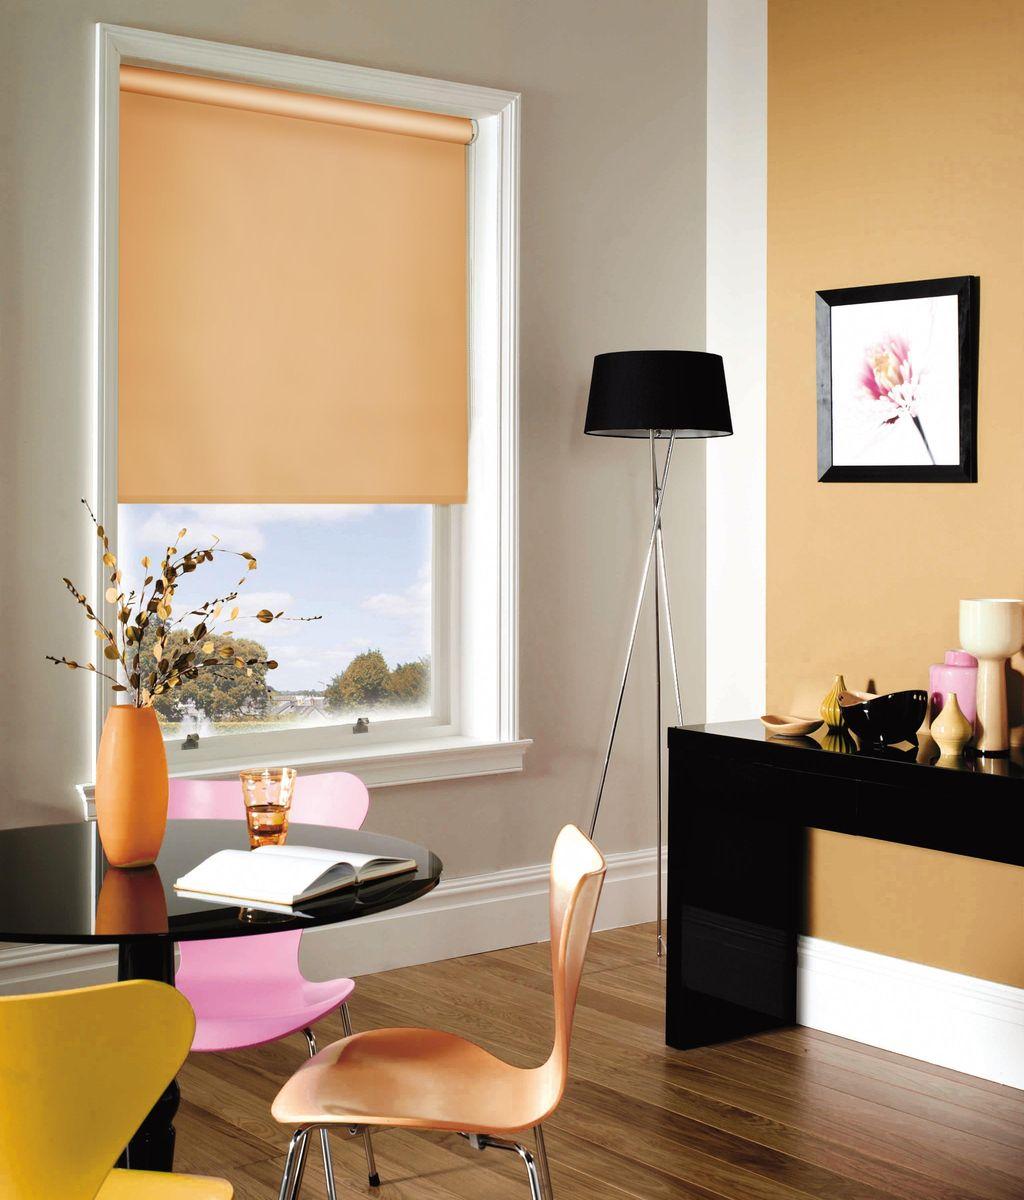 Штора рулонная Эскар, цвет: абрикосовый, ширина 150 см, высота 170 см81012150170Рулонными шторами можно оформлять окна как самостоятельно, так и использовать в комбинации с портьерами. Это поможет предотвратить выгорание дорогой ткани на солнце и соединит функционал рулонных с красотой навесных.Преимущества применения рулонных штор для пластиковых окон:- имеют прекрасный внешний вид: многообразие и фактурность материала изделия отлично смотрятся в любом интерьере; - многофункциональны: есть возможность подобрать шторы способные эффективно защитить комнату от солнца, при этом о на не будет слишком темной. - Есть возможность осуществить быстрый монтаж. ВНИМАНИЕ! Размеры ширины изделия указаны по ширине ткани!Во время эксплуатации не рекомендуется полностью разматывать рулон, чтобы не оторвать ткань от намоточного вала.В случае загрязнения поверхности ткани, чистку шторы проводят одним из способов, в зависимости от типа загрязнения: легкое поверхностное загрязнение можно удалить при помощи канцелярского ластика; чистка от пыли производится сухим методом при помощи пылесоса с мягкой щеткой-насадкой; для удаления пятна используйте мягкую губку с пенообразующим неагрессивным моющим средством или пятновыводитель на натуральной основе (нельзя применять растворители).